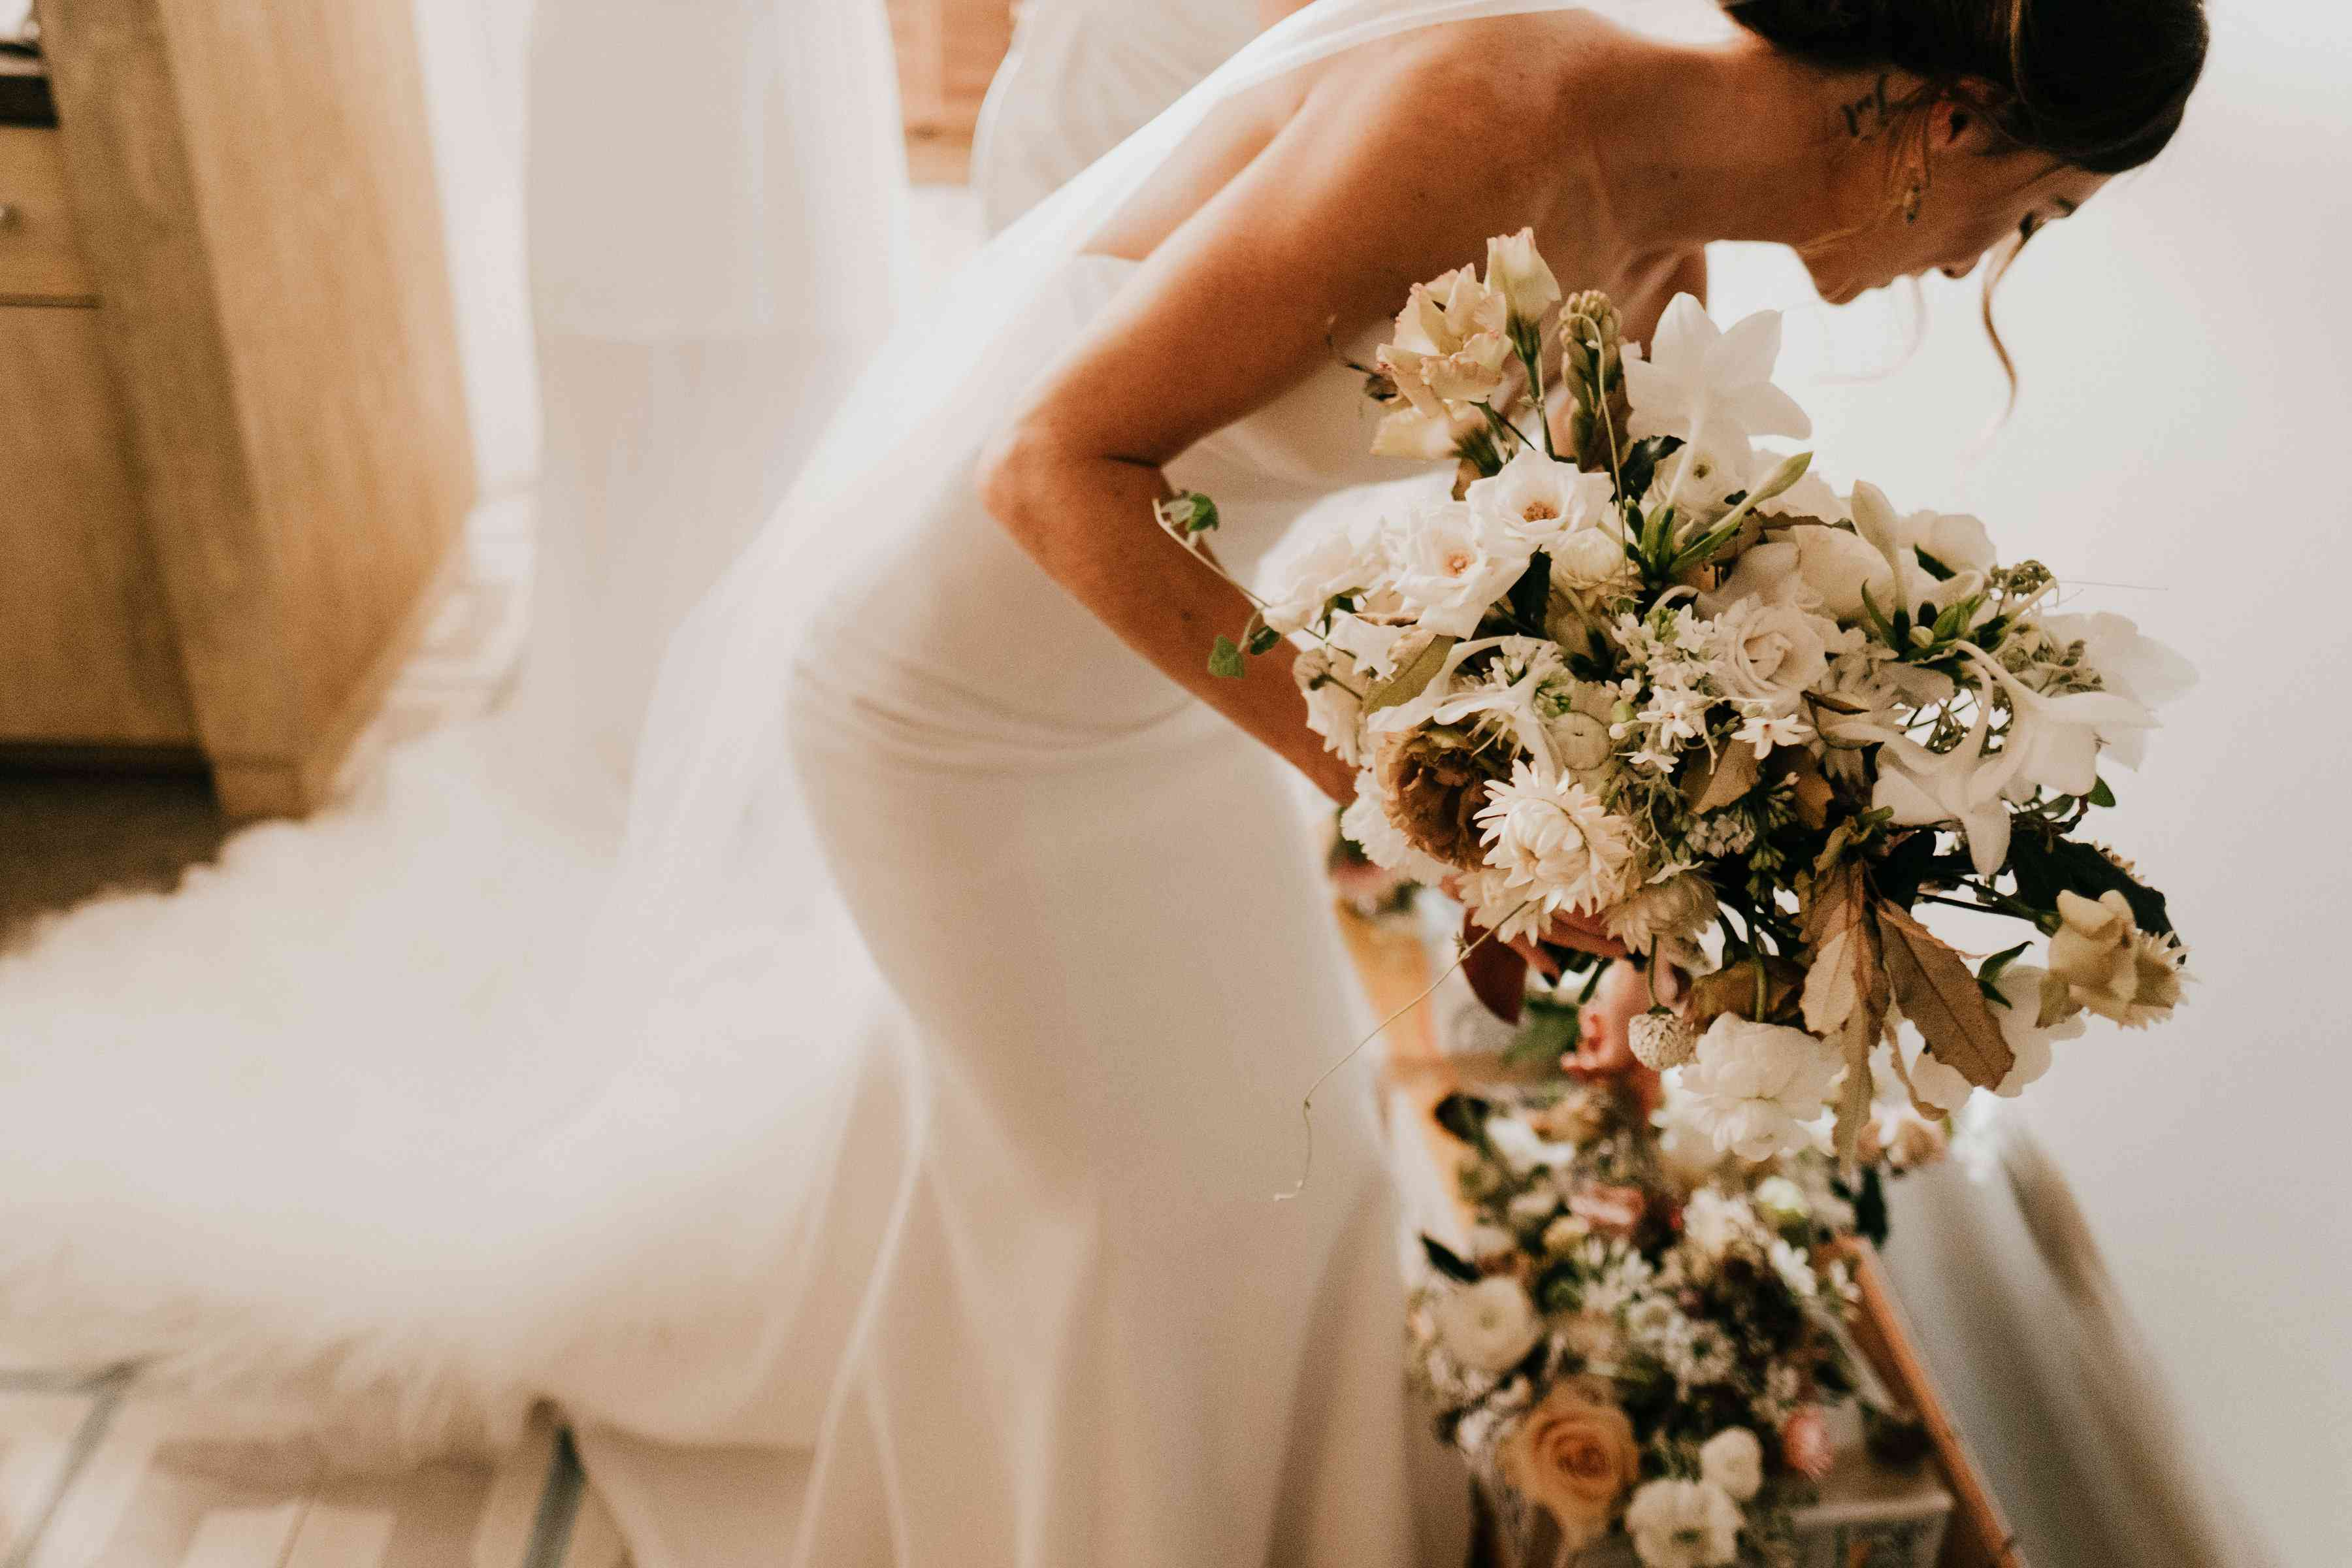 Bride holding Bouquet